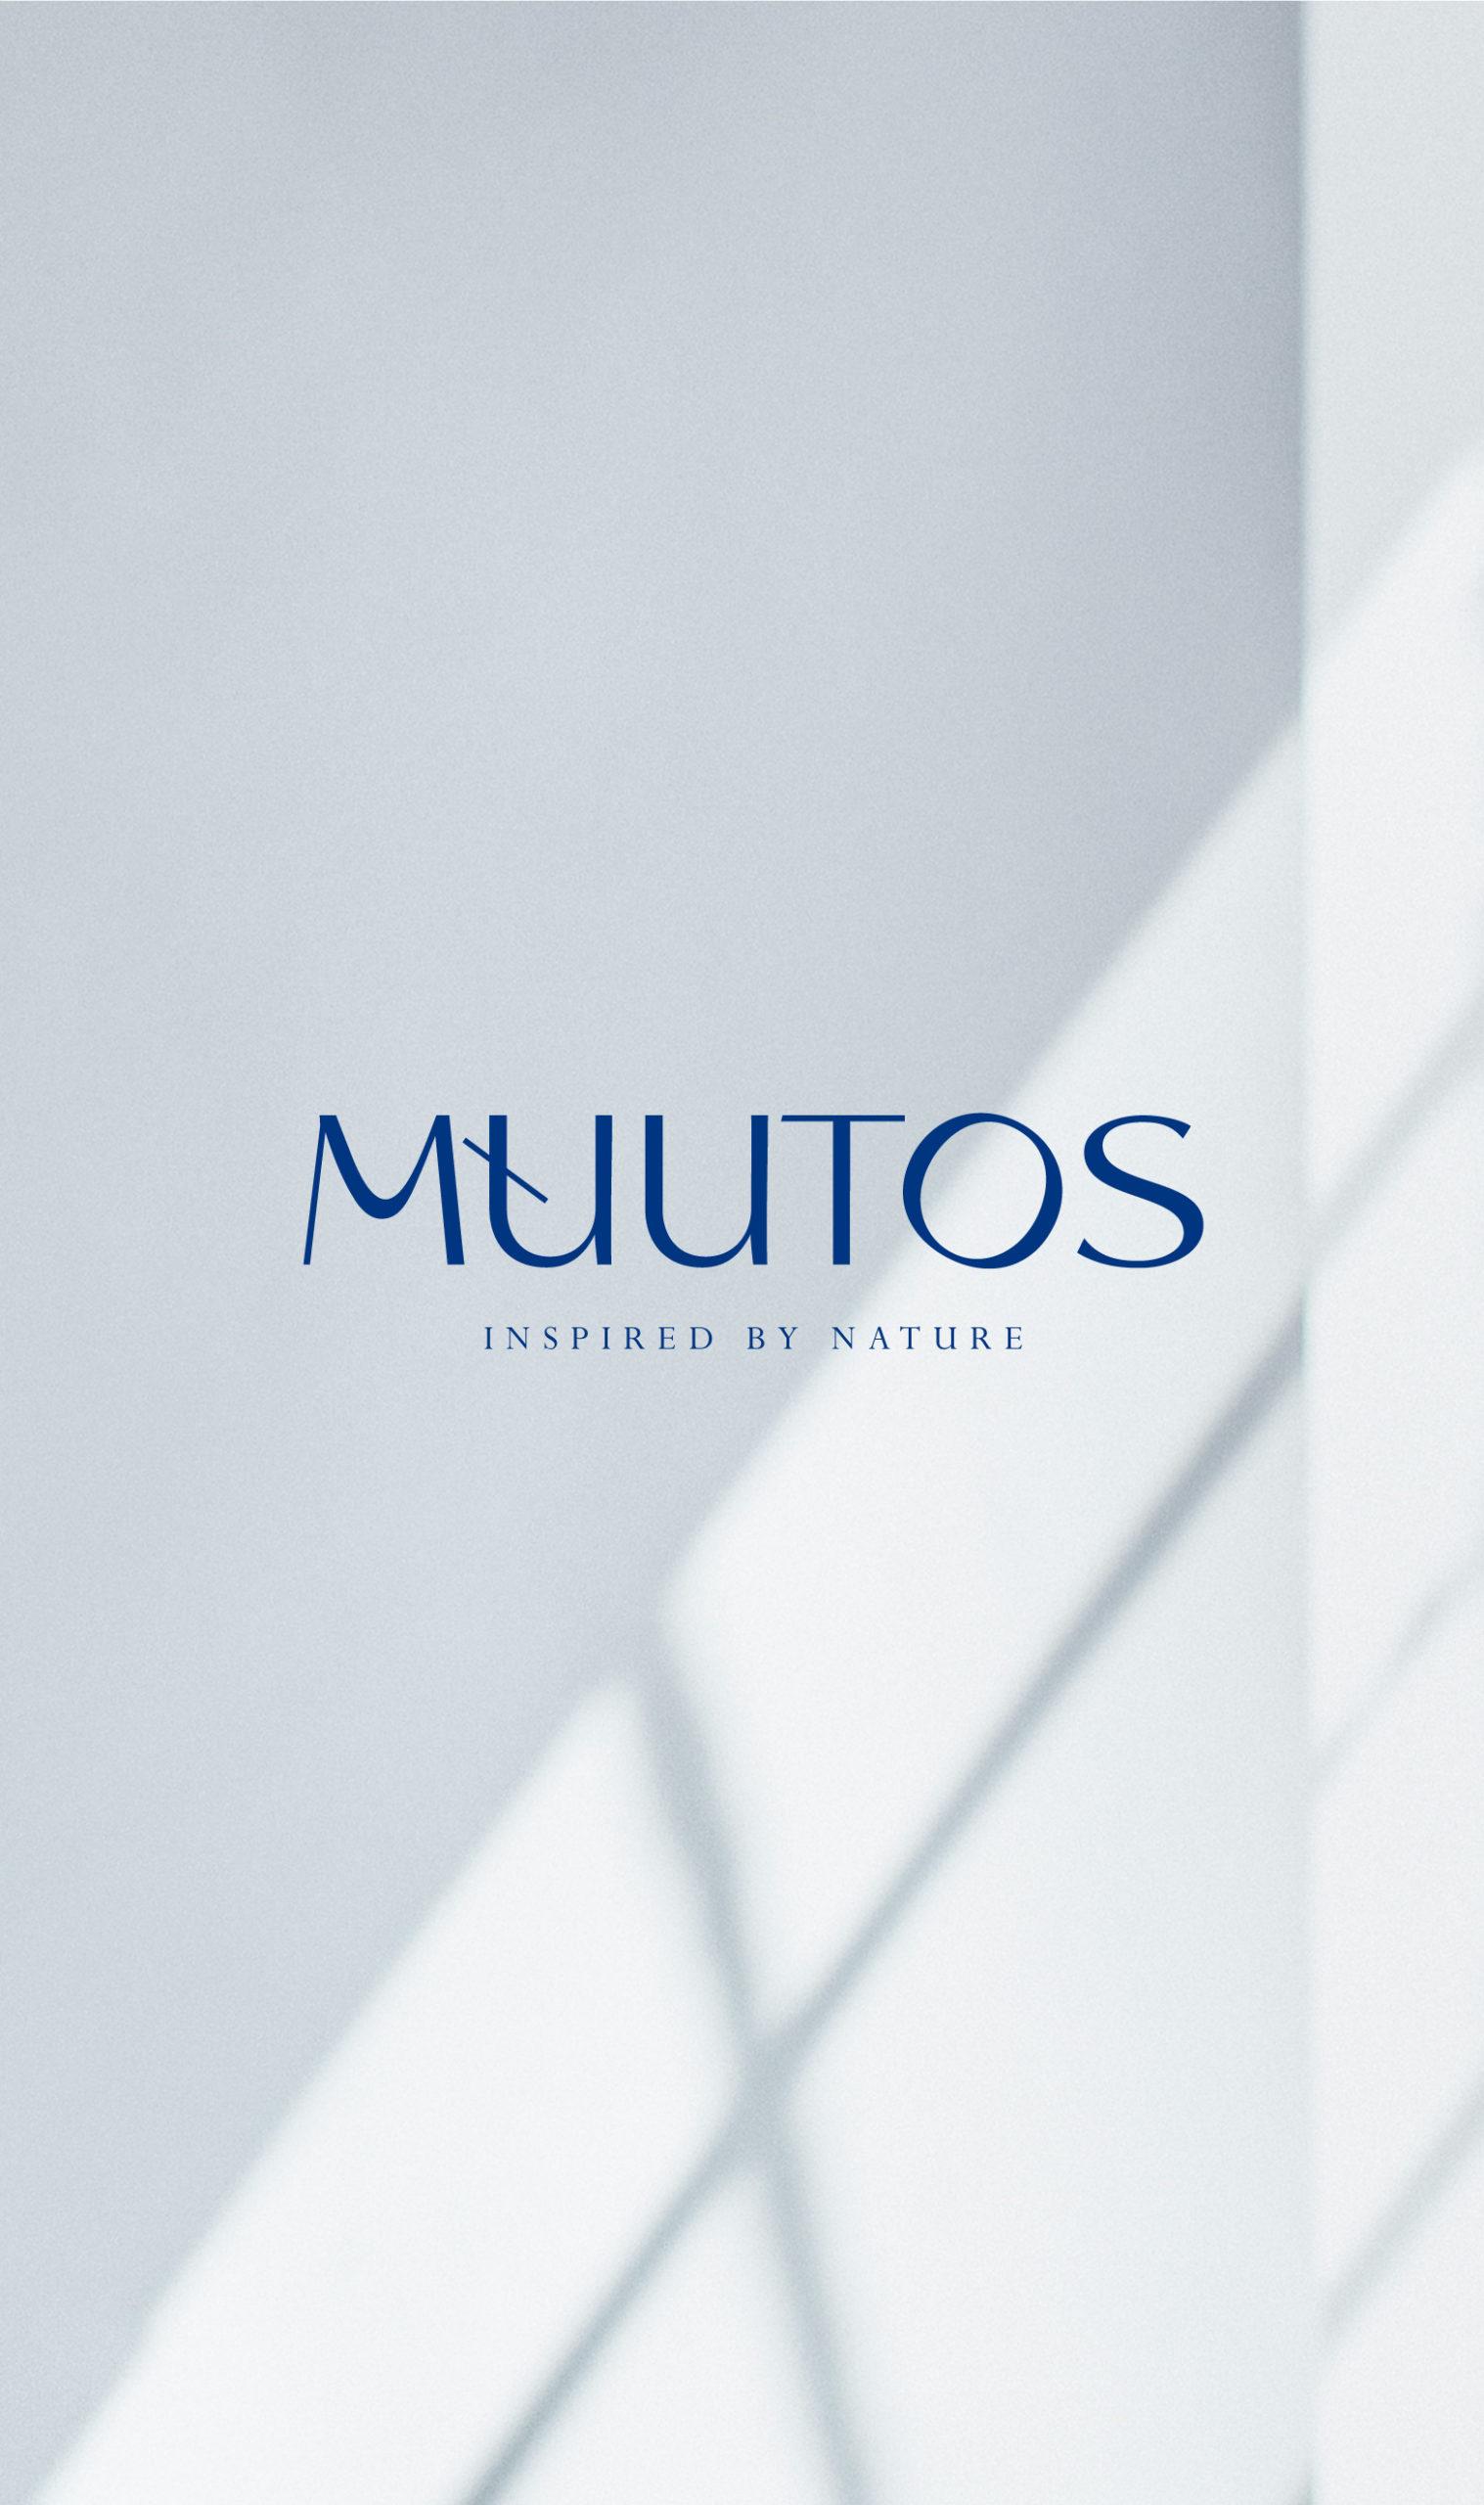 Logo identité de marque muttos design finlandais interieur graphisme